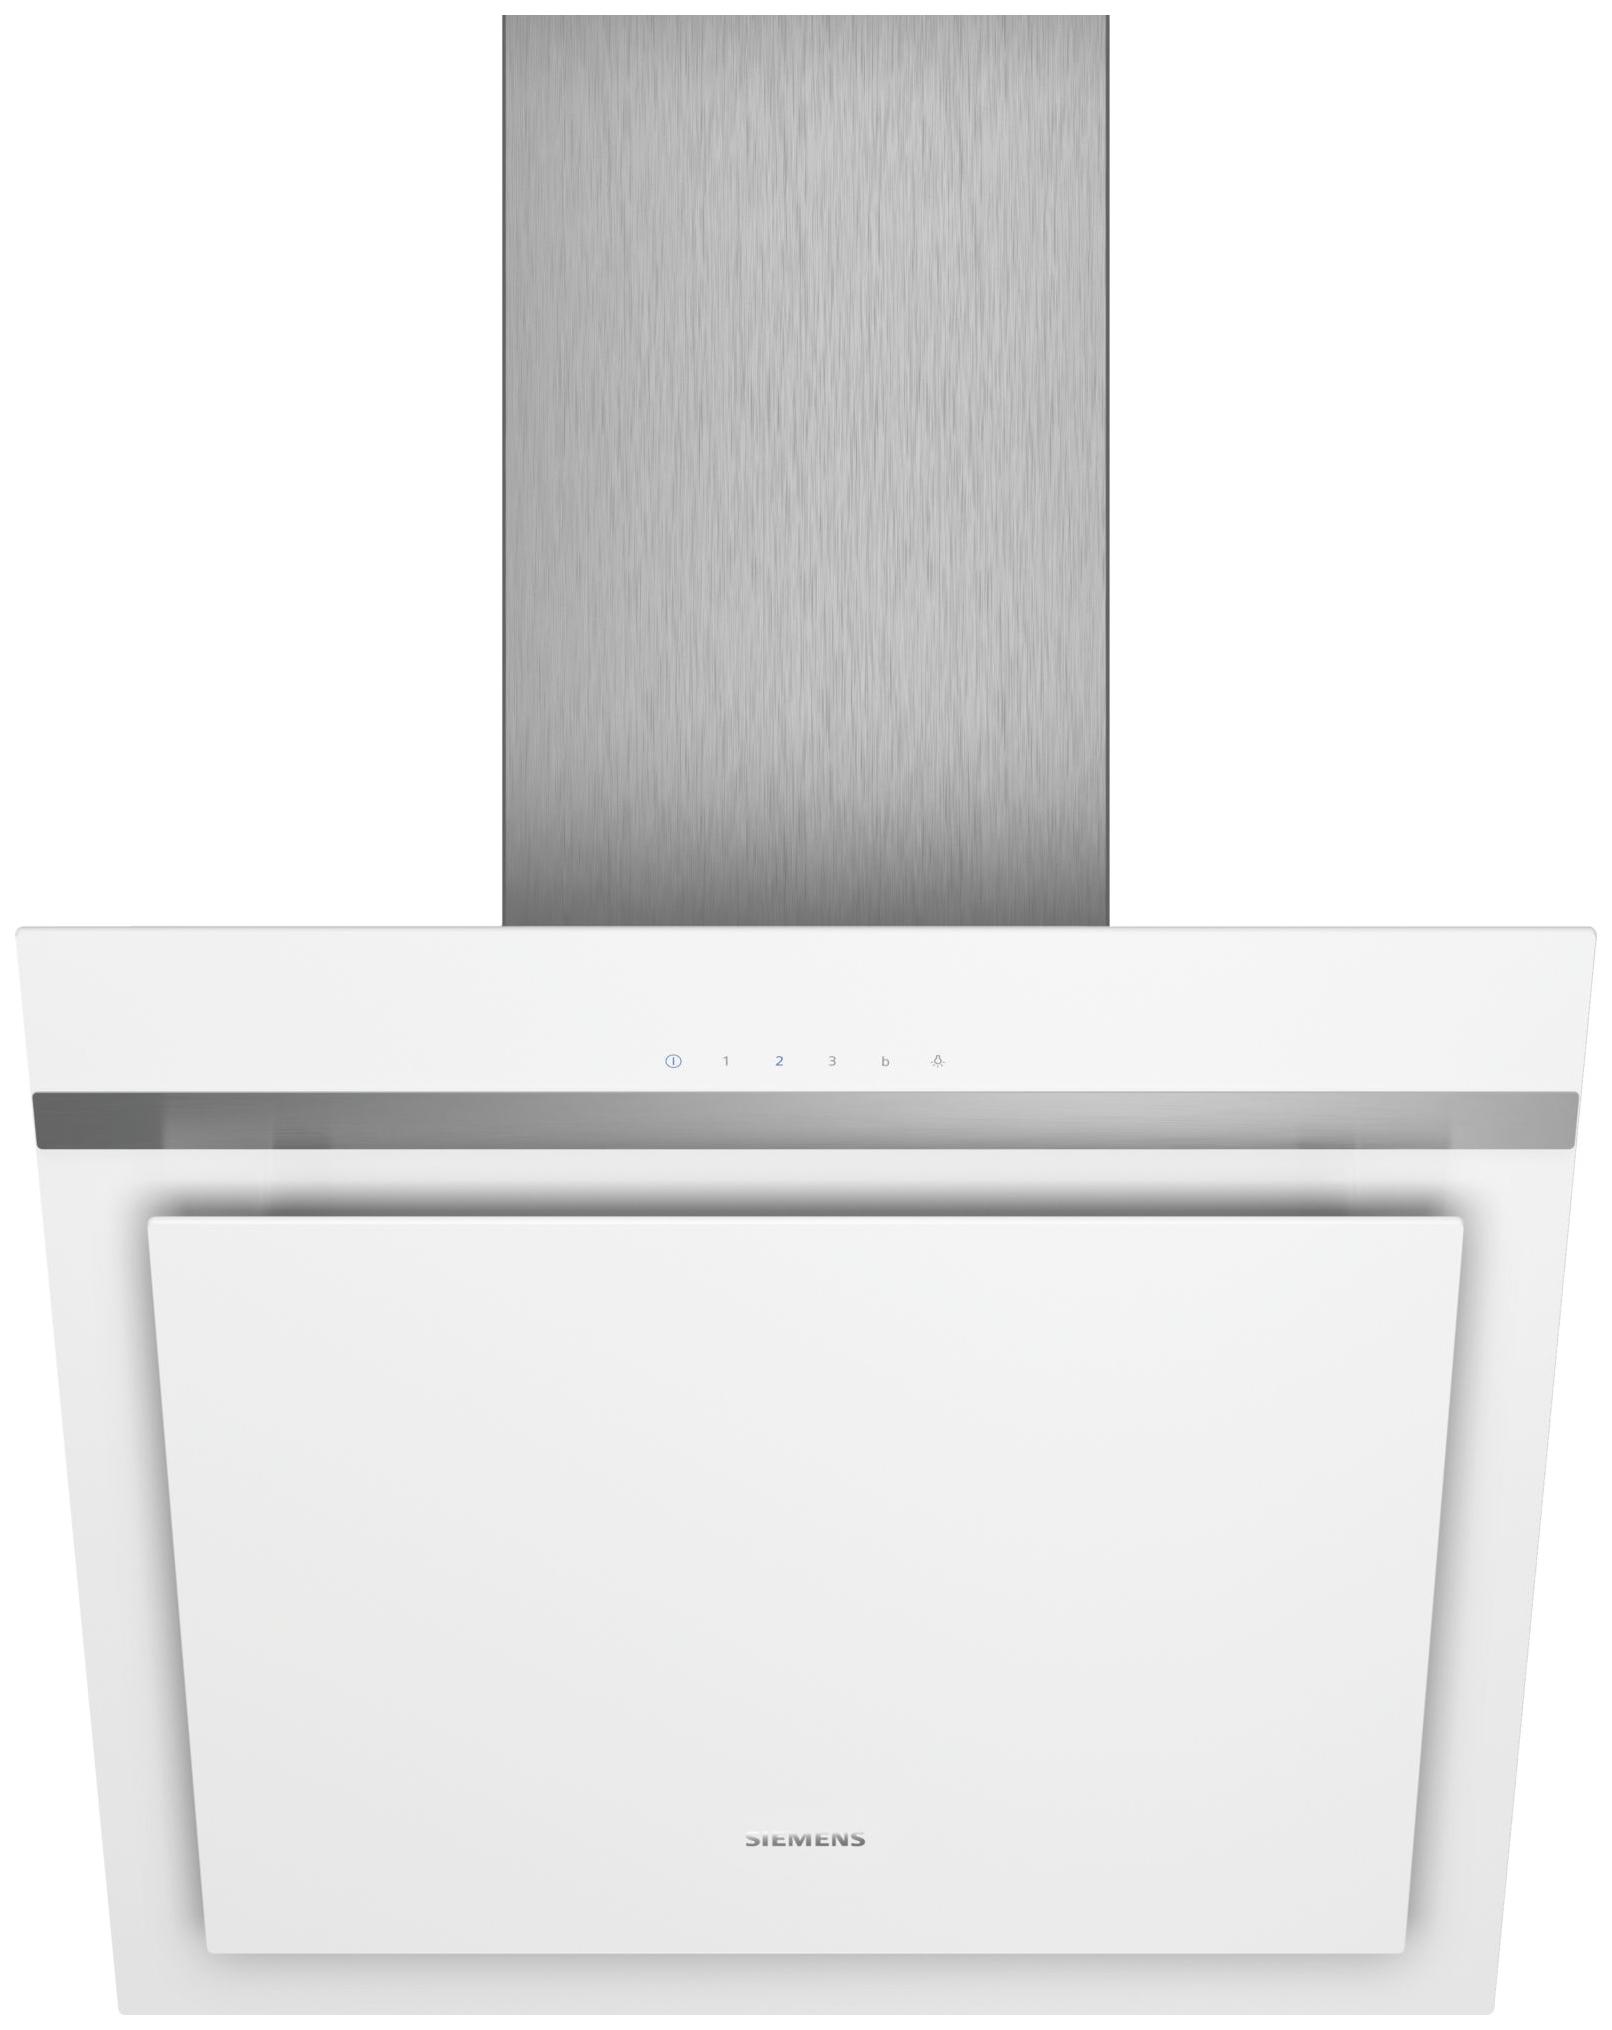 Вытяжка наклонная Siemens iQ300 LC67KHM20 White/Silver